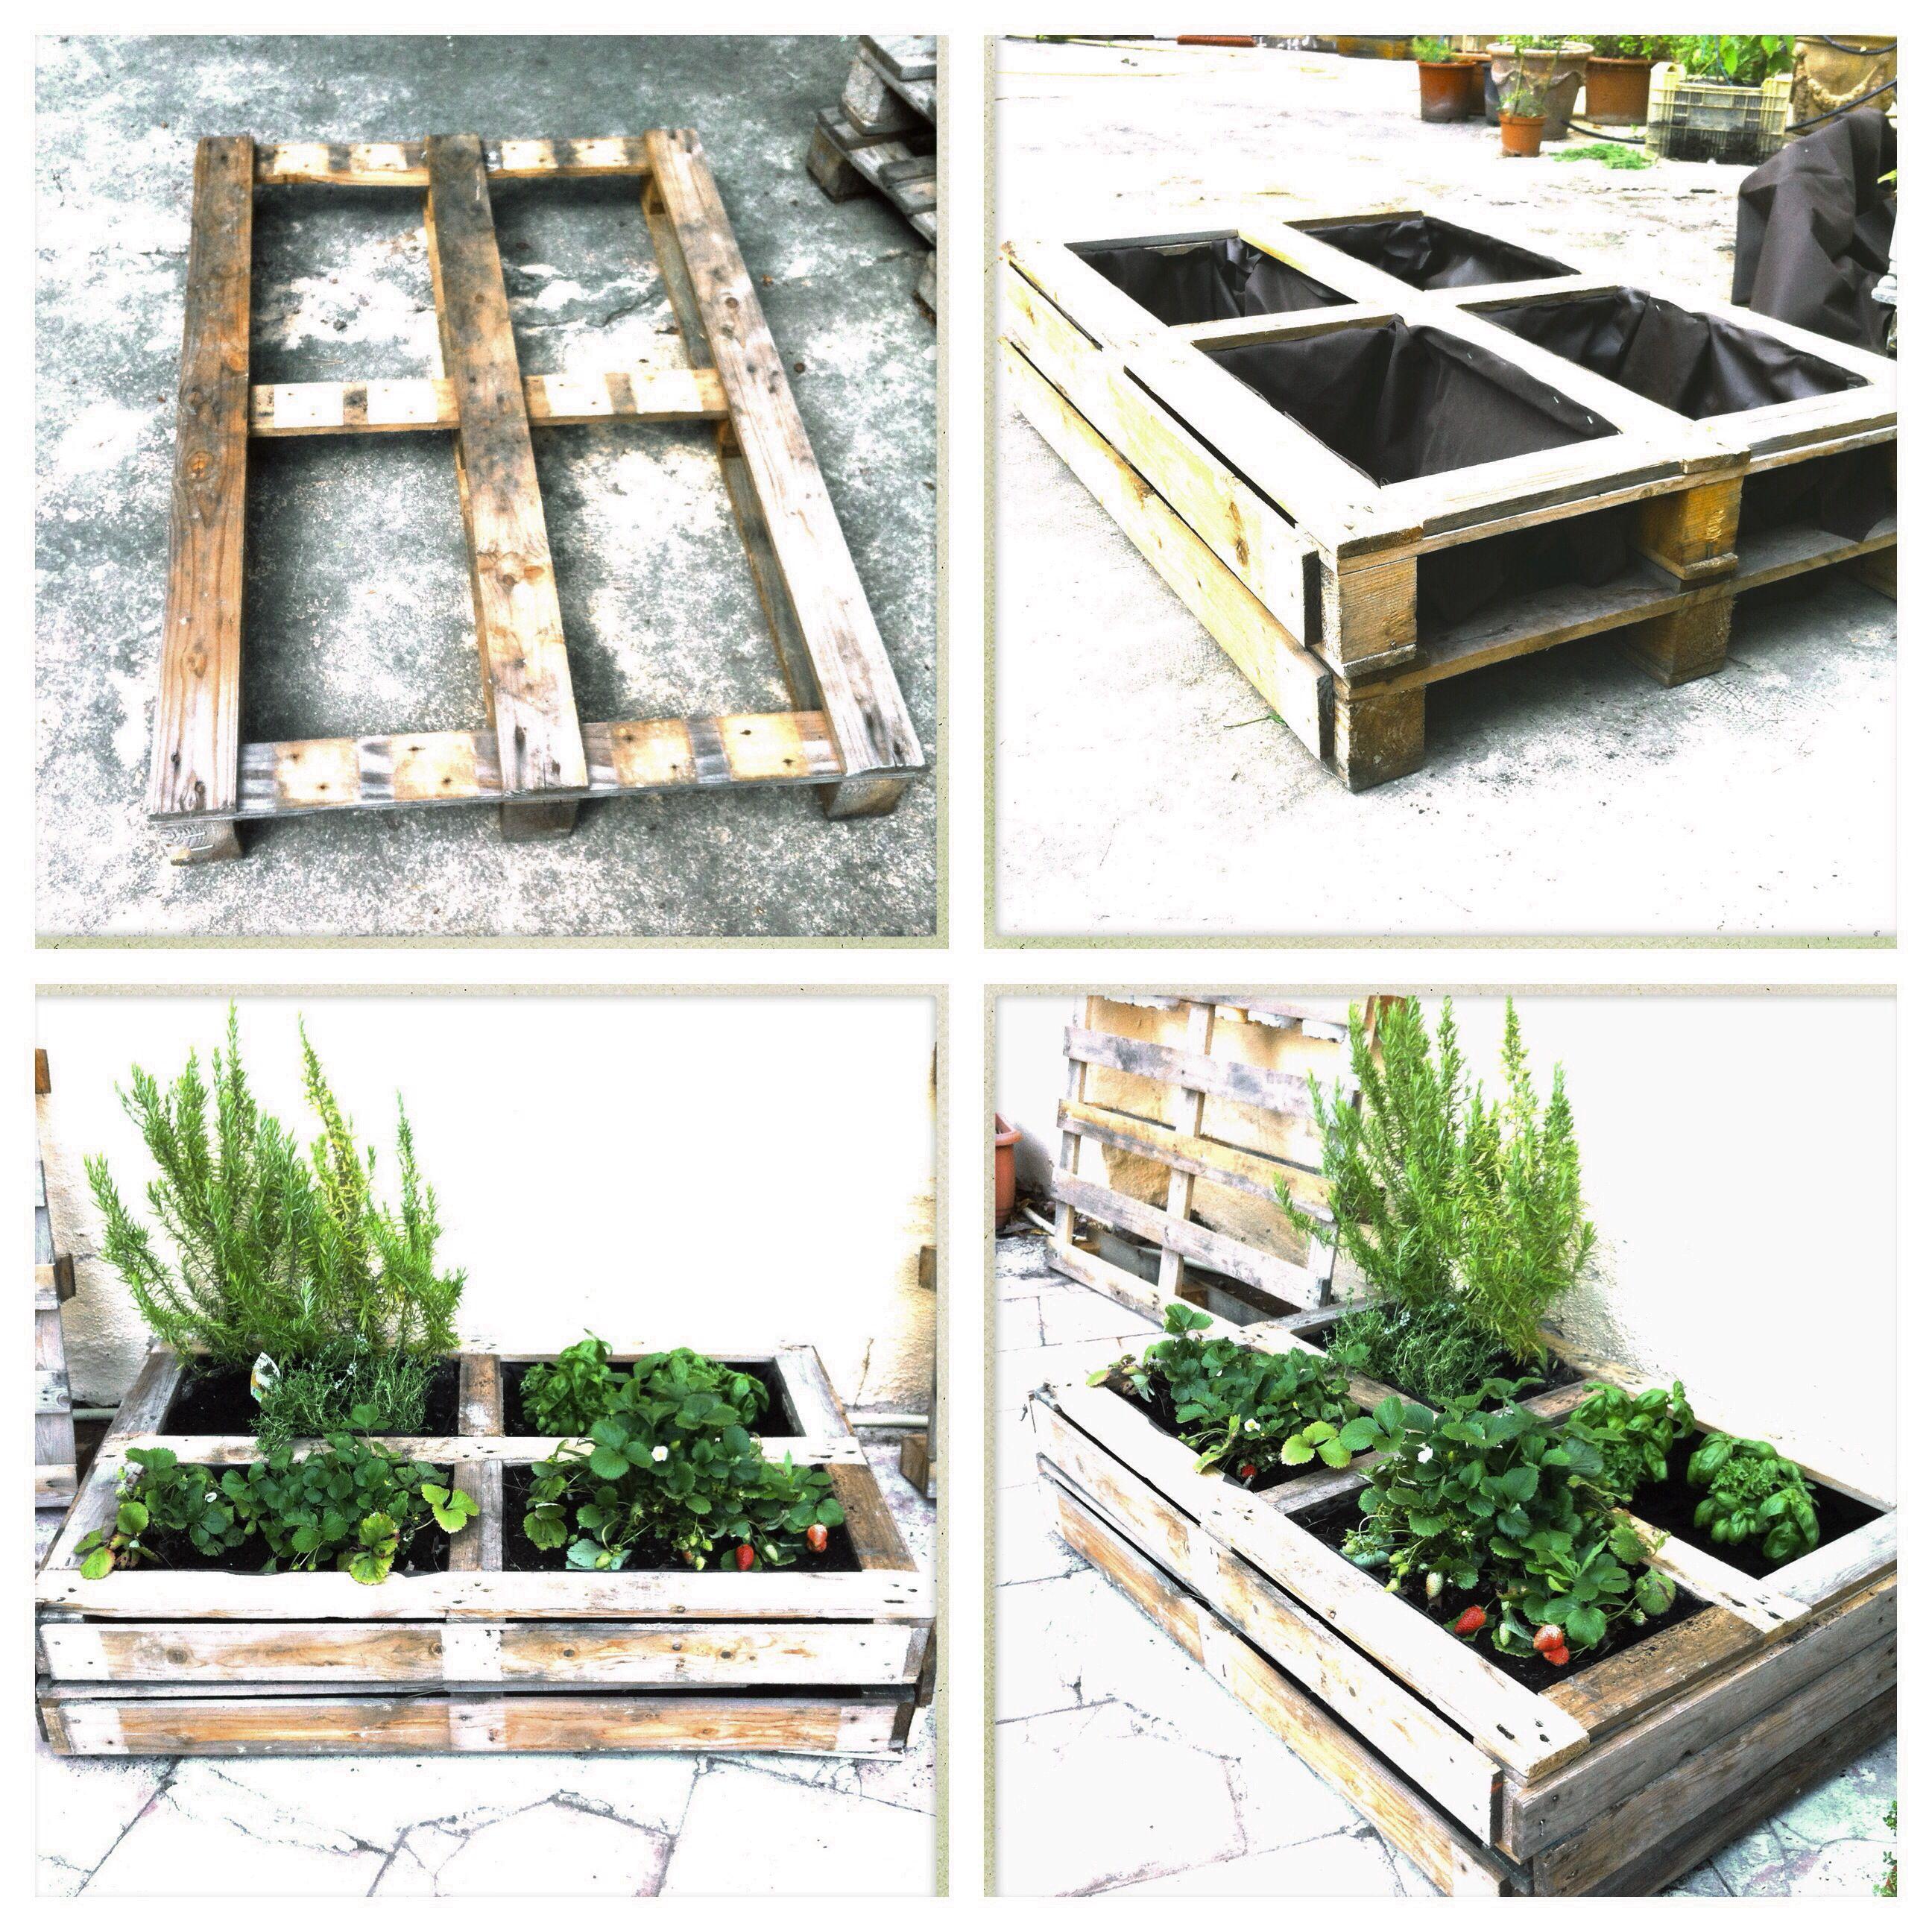 Floor Recycled Wooden Pallet Pequea Jardinera Hecha Con Palets De Recycled Wooden Pallet Pequea Jardinera Hecha Con Palets De Pallet Planter Pinterest